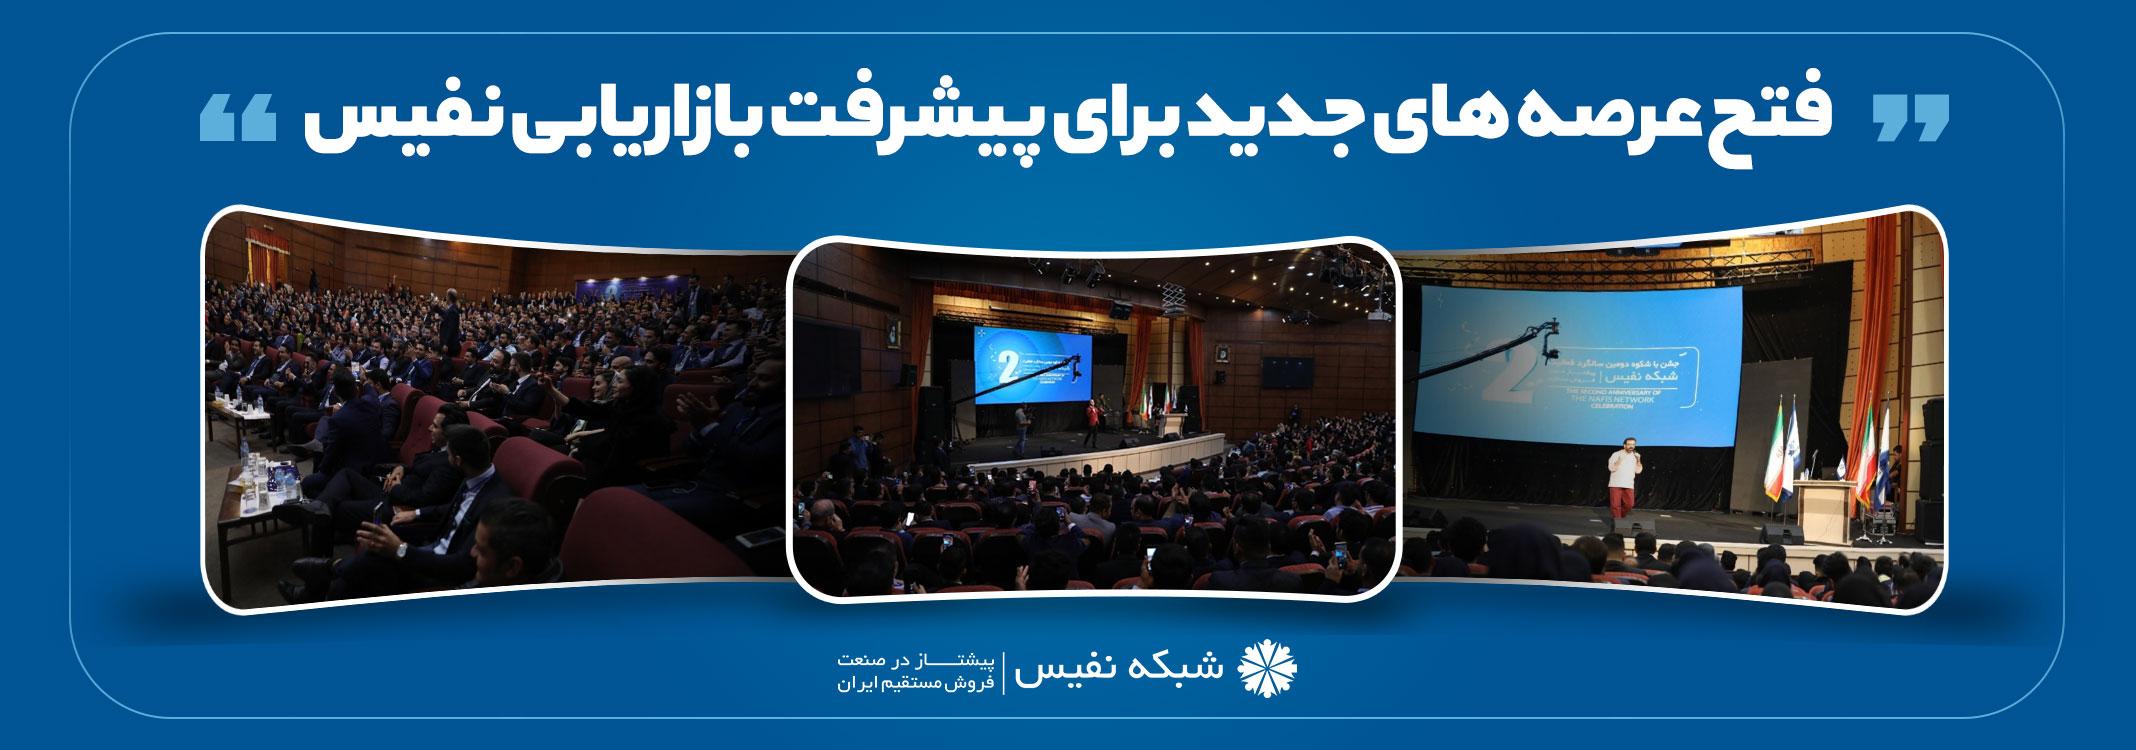 فتح عرصه های جدید برای پیشرفت بازاریابی نفیس